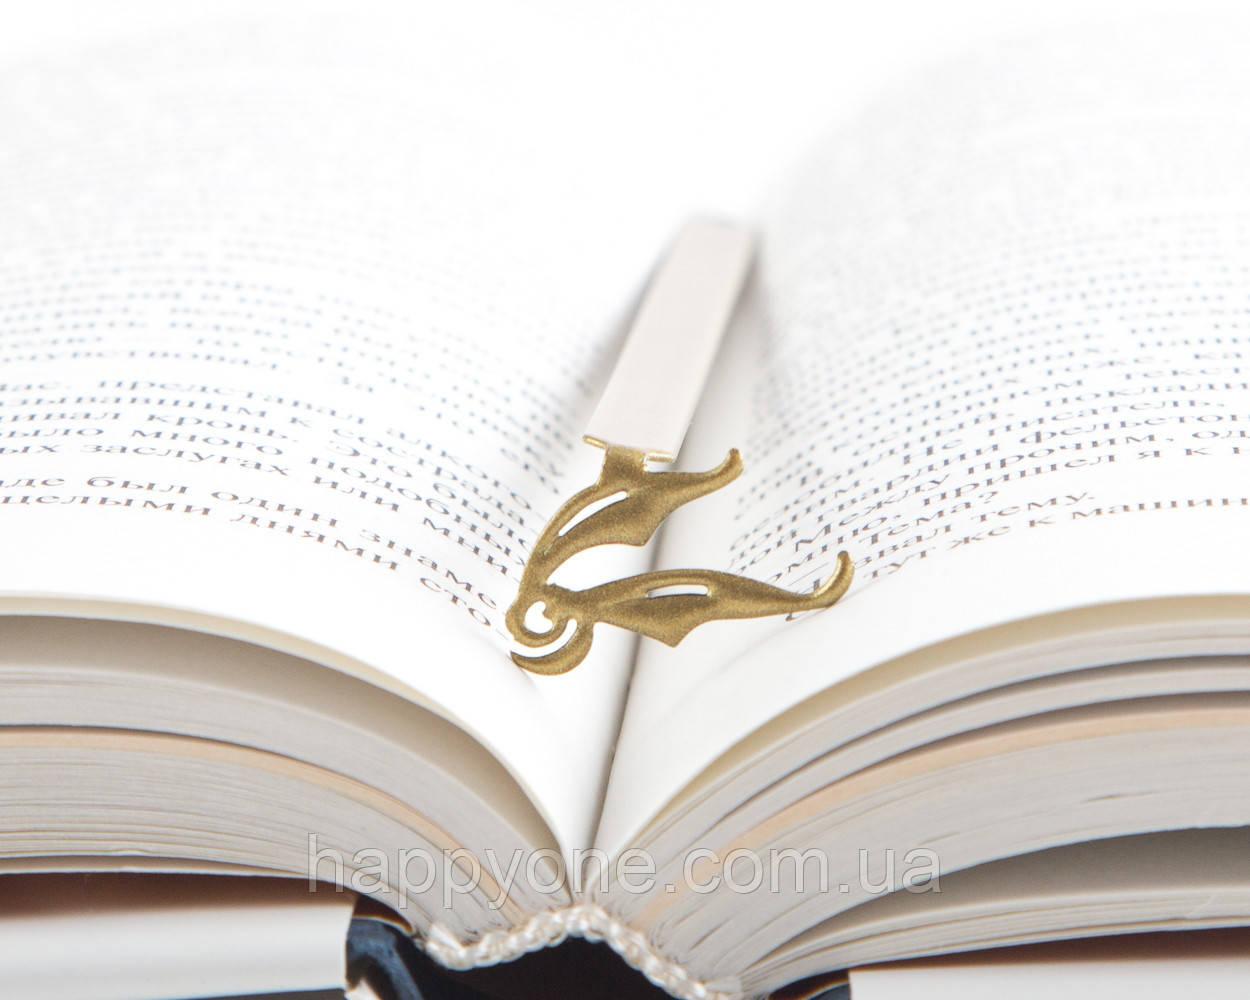 Закладка для книг Золотой Снитч ІІ